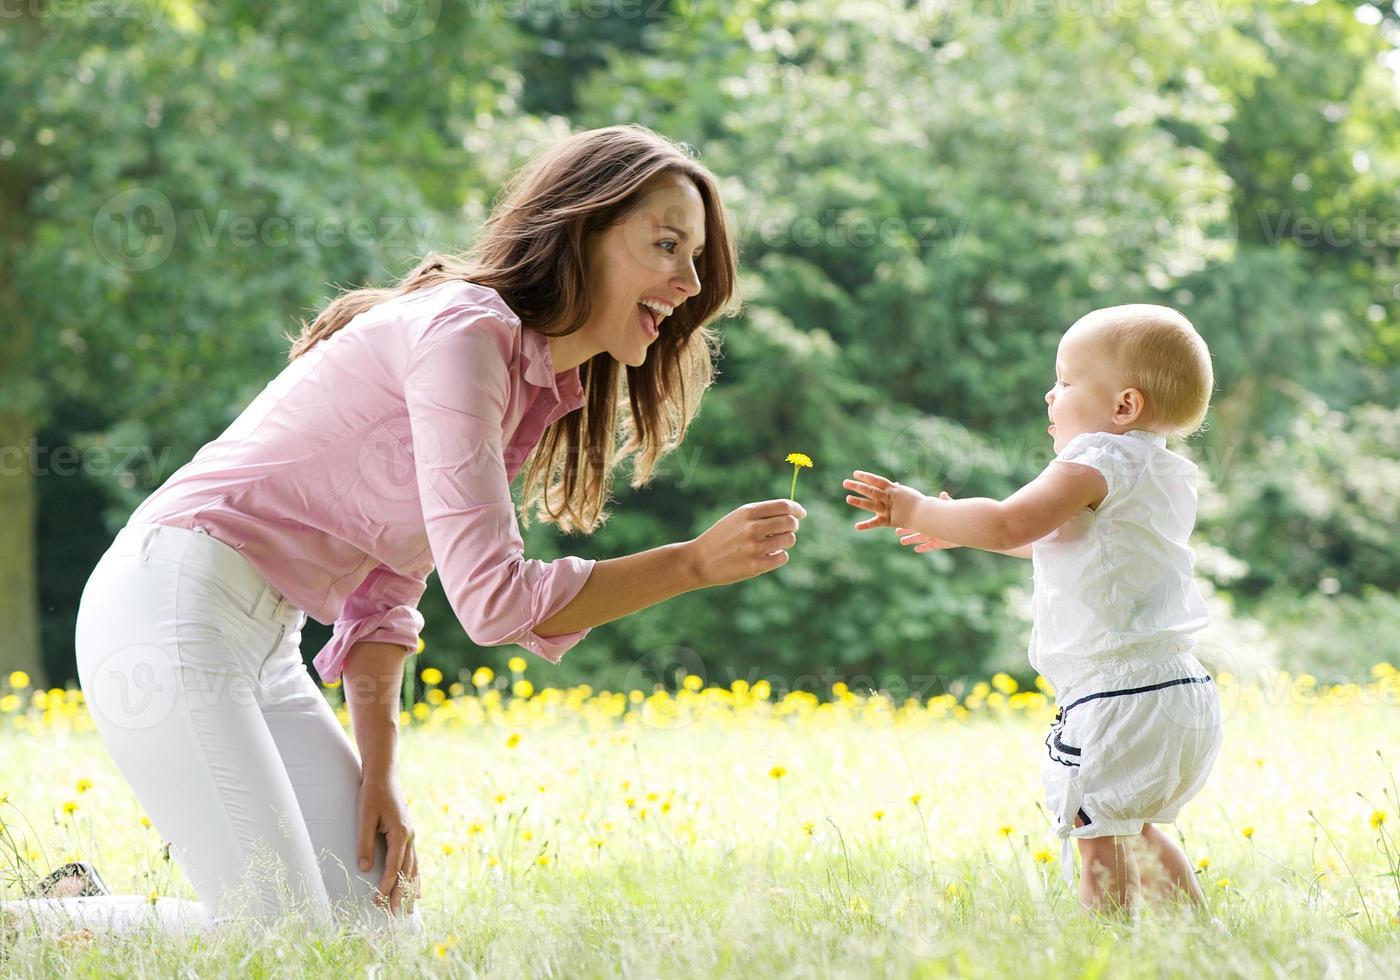 Heureuse mère apprenant à bébé à marcher dans le parc photo